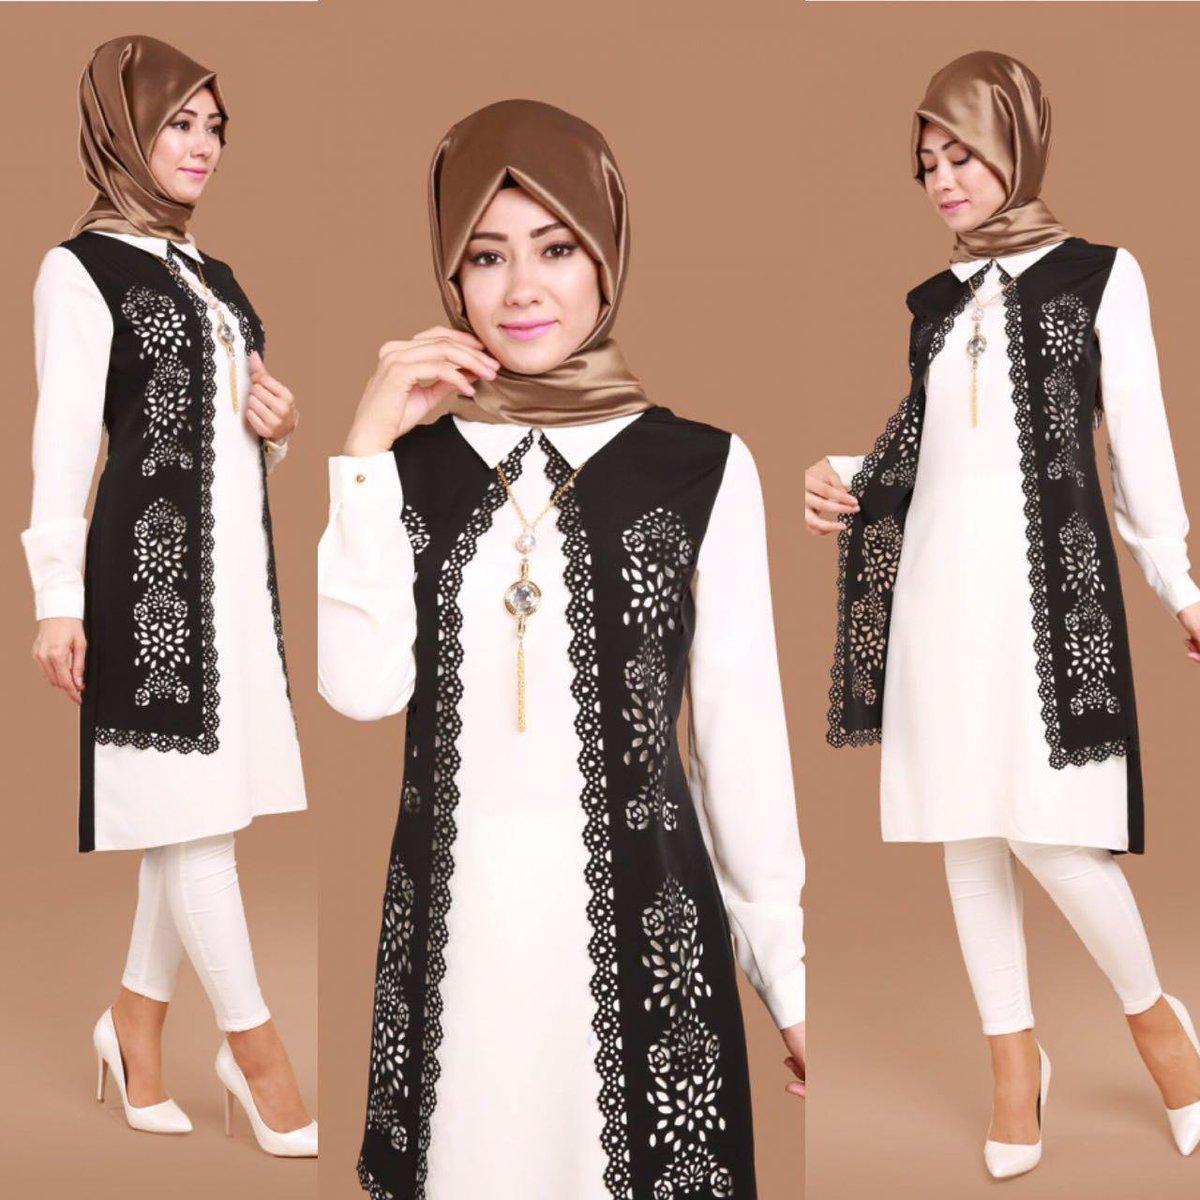 صورة اجمل ملابس نسائيه , تصميمات ومودلات روعه من ملابس النساء